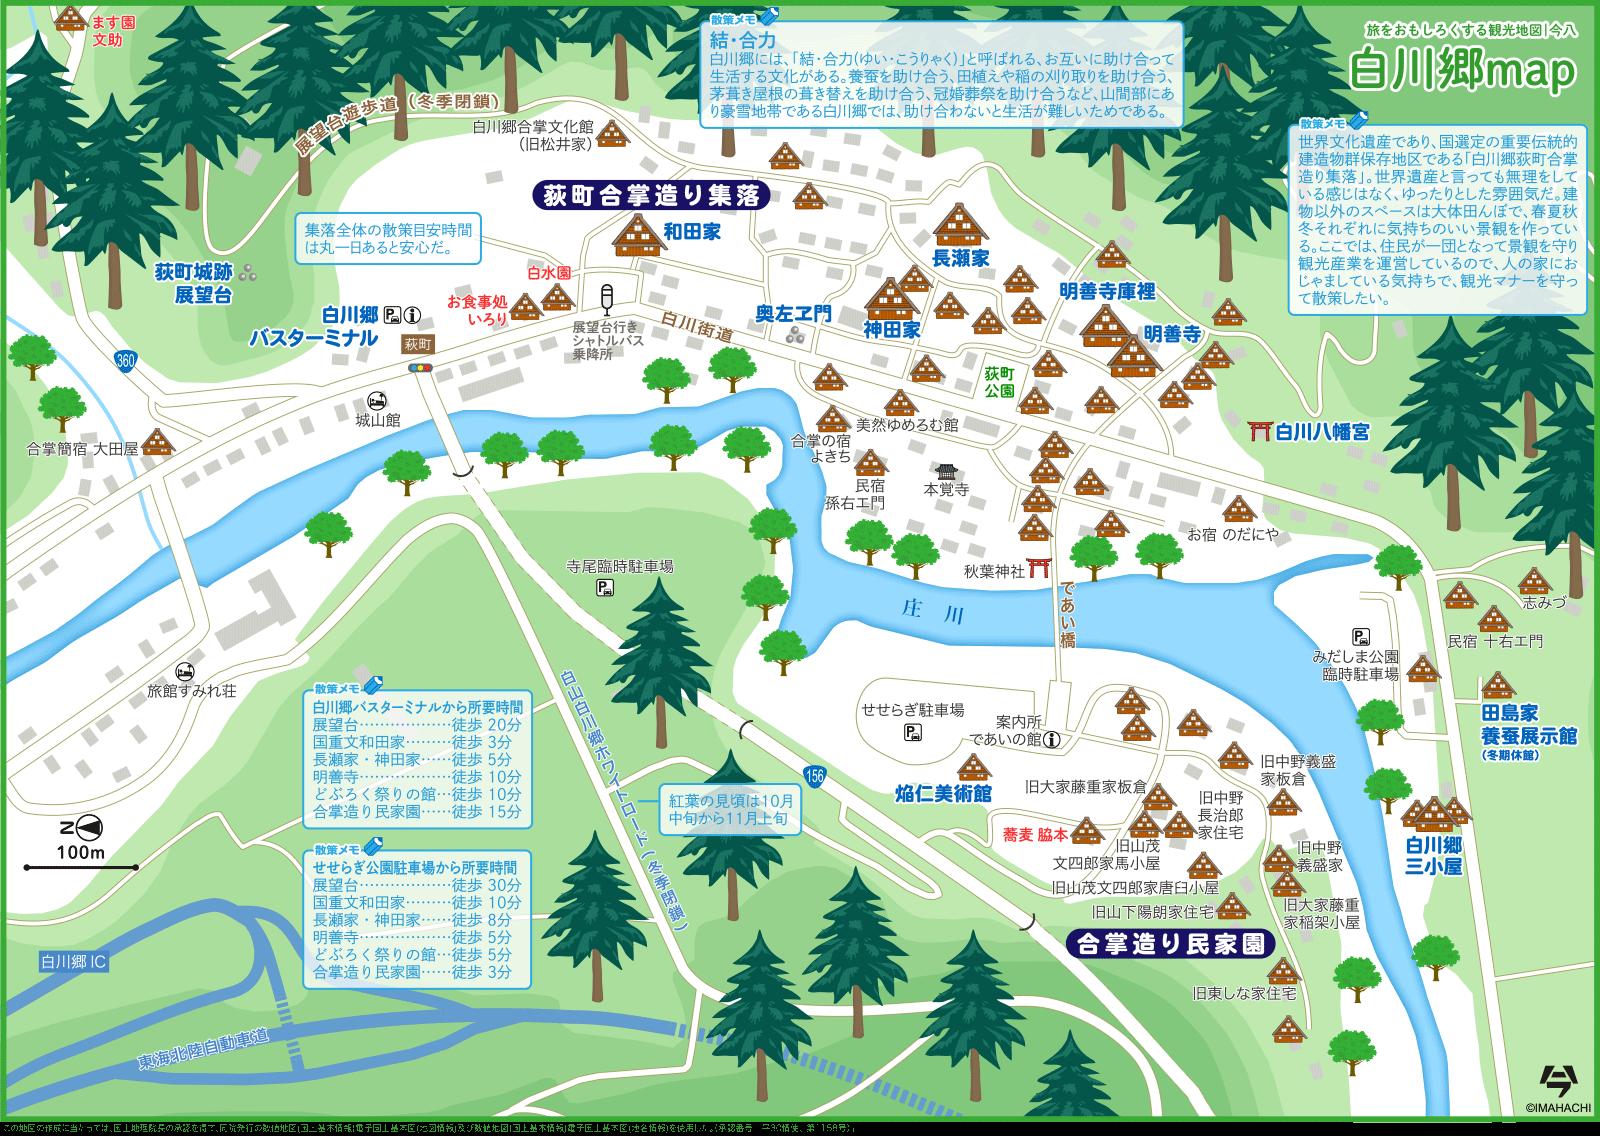 世界遺産 白川郷map